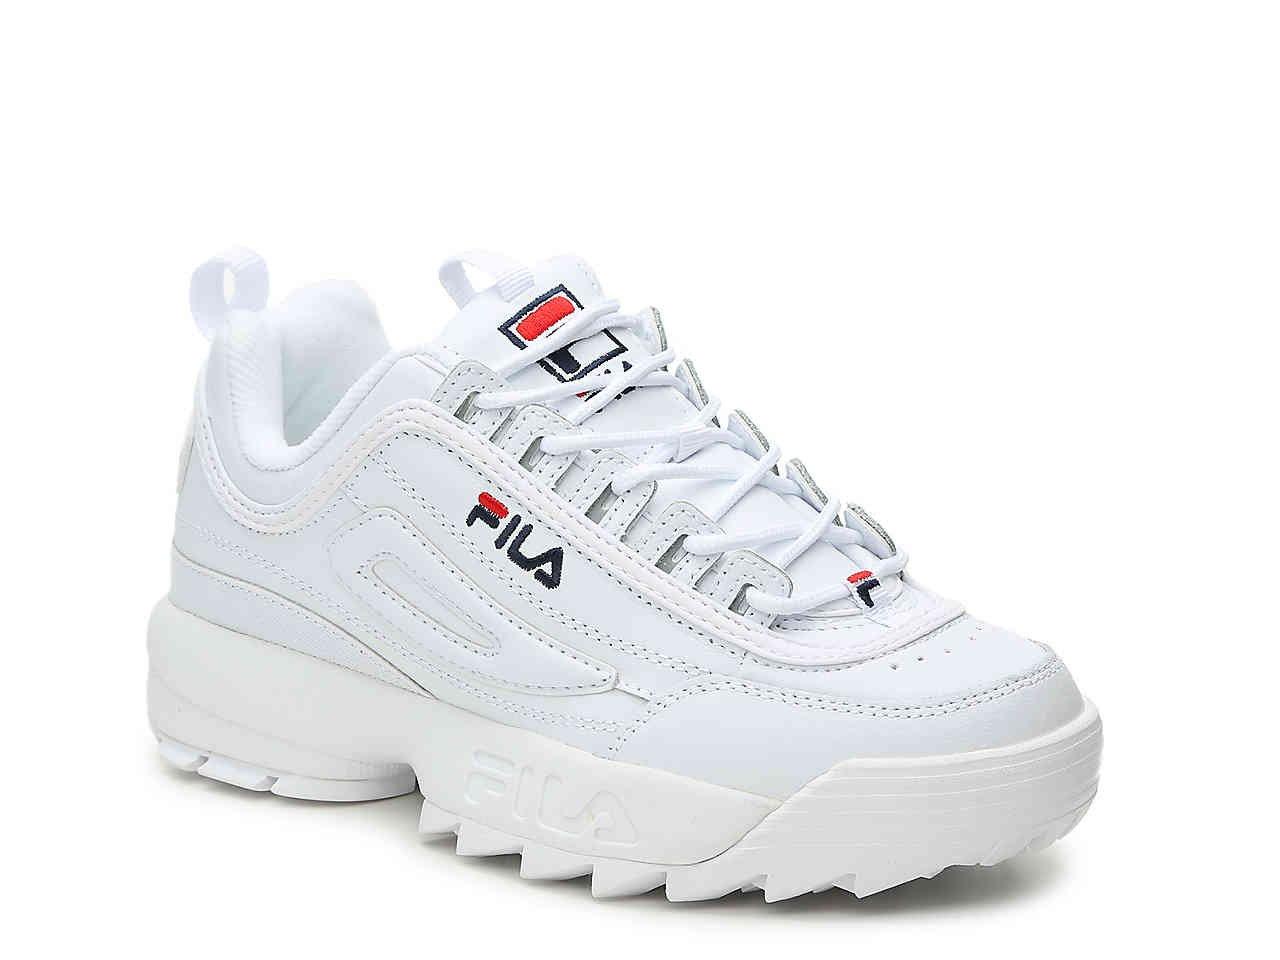 Fila Disruptor II Premium Sneaker - Women's Women's Shoes | DSW